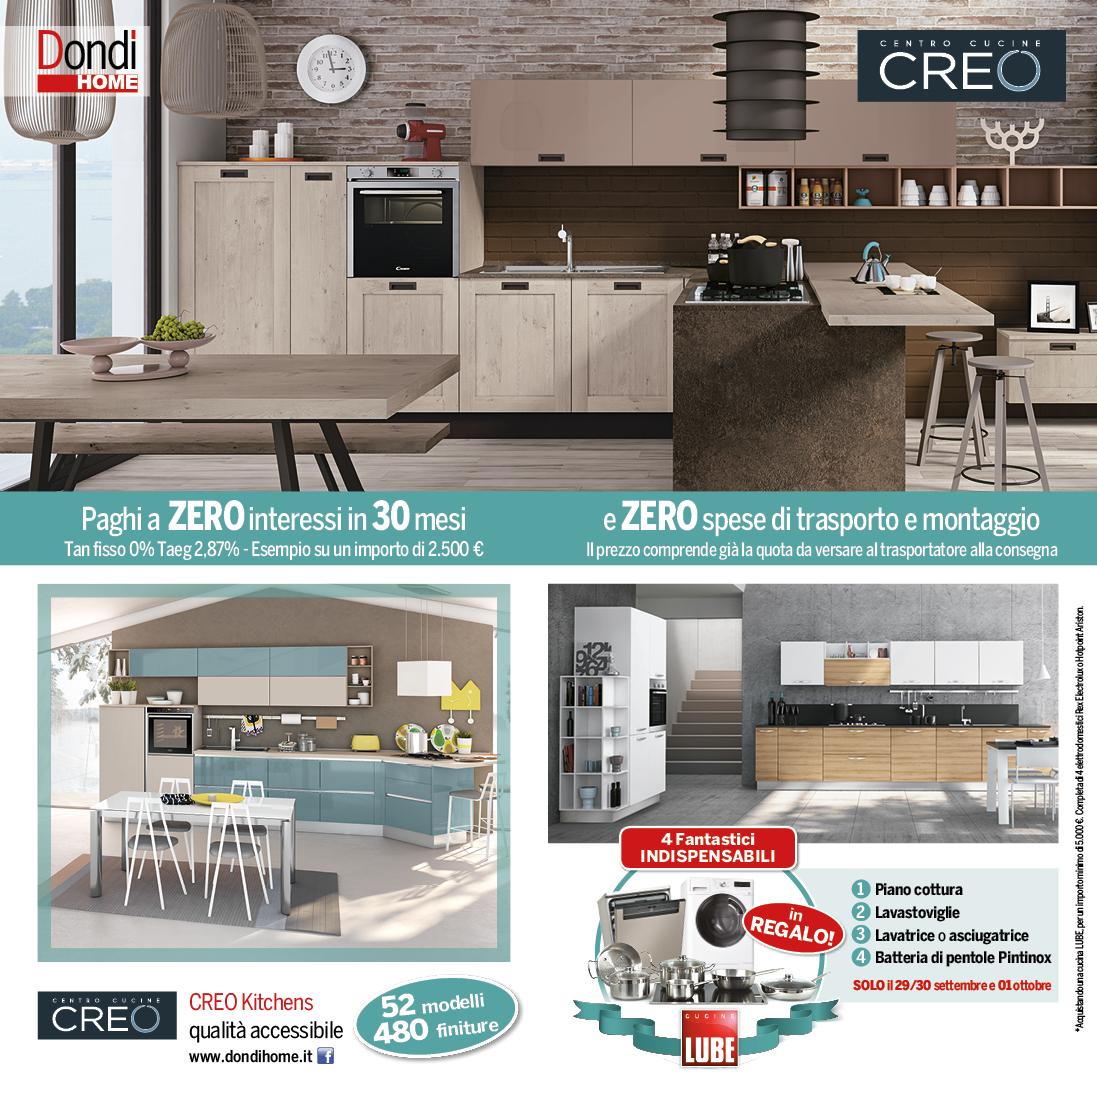 Cucine lube reggio emilia cheap cucine lube roma fantastico centro cucine lube with cucine lube - Cucine lube reggio emilia ...